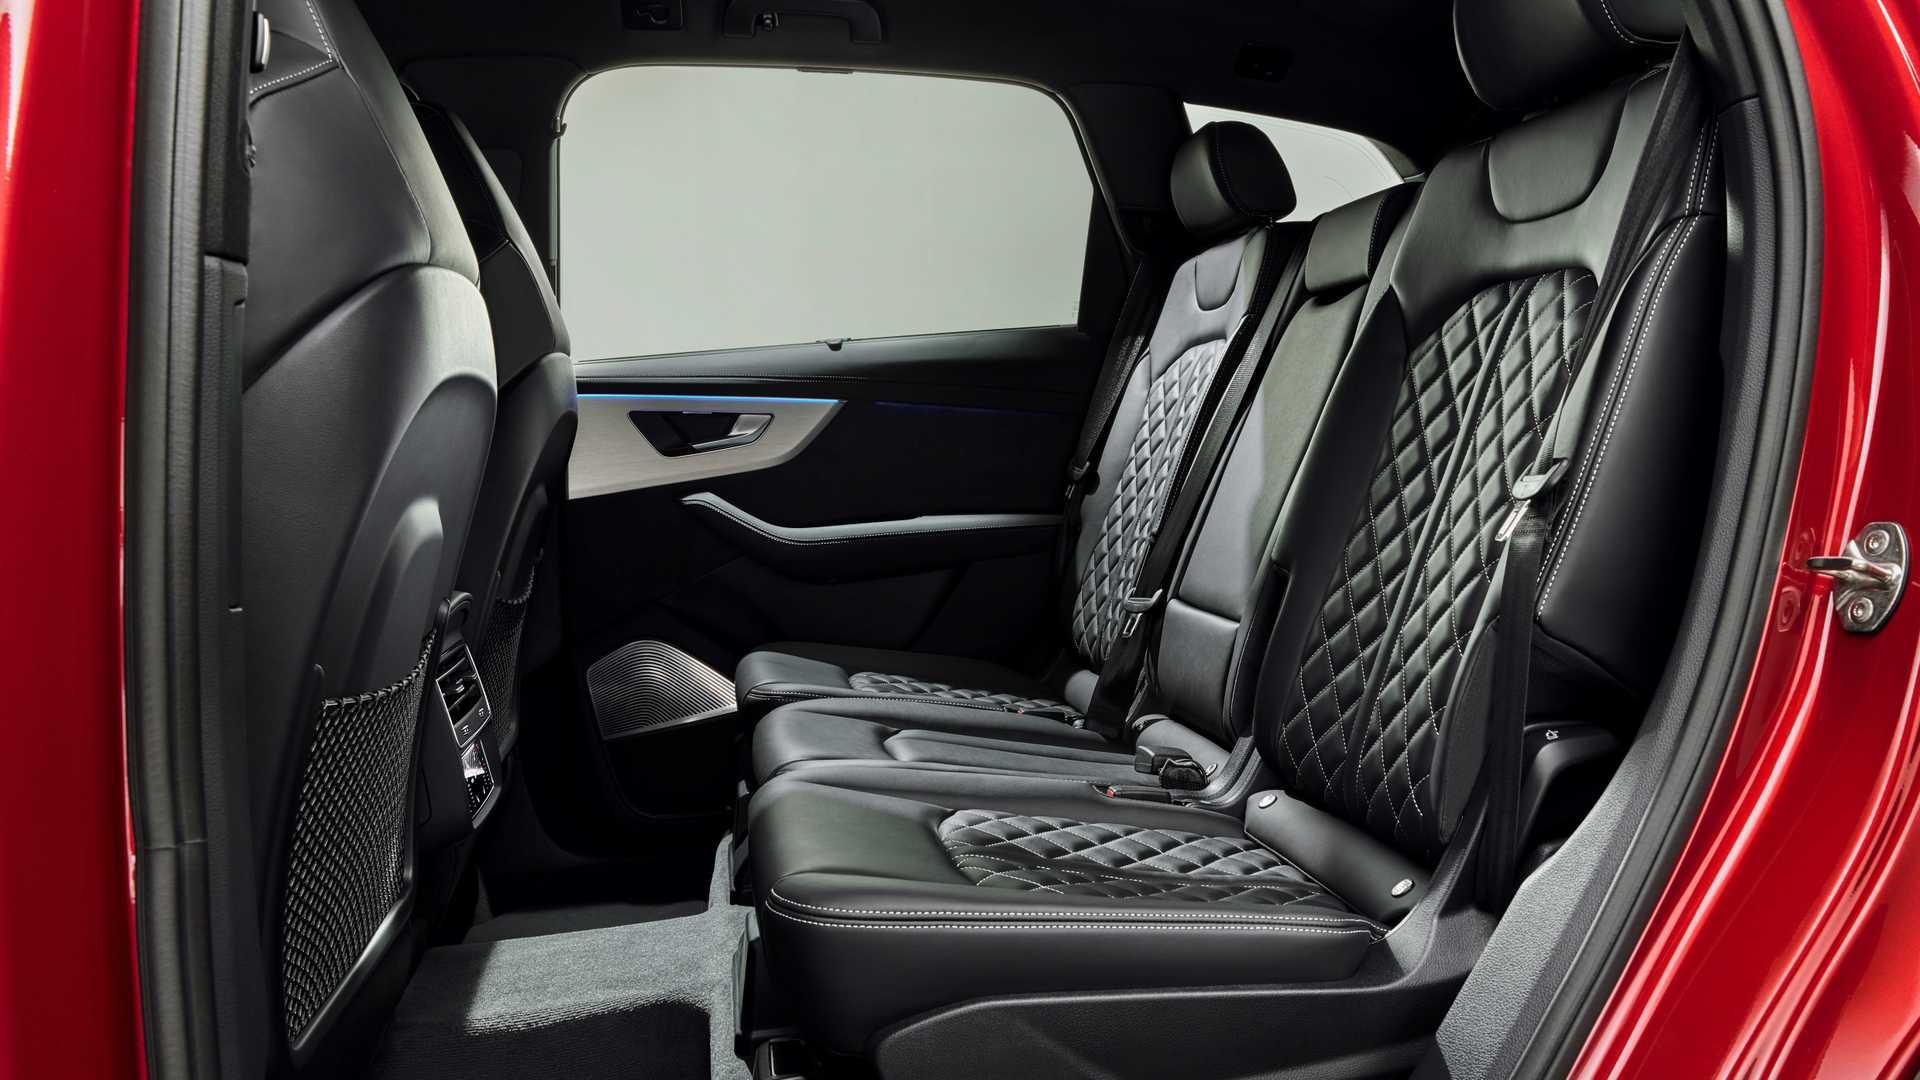 2020 Audi Q7 Interior Rear Seats Wallpapers (15)